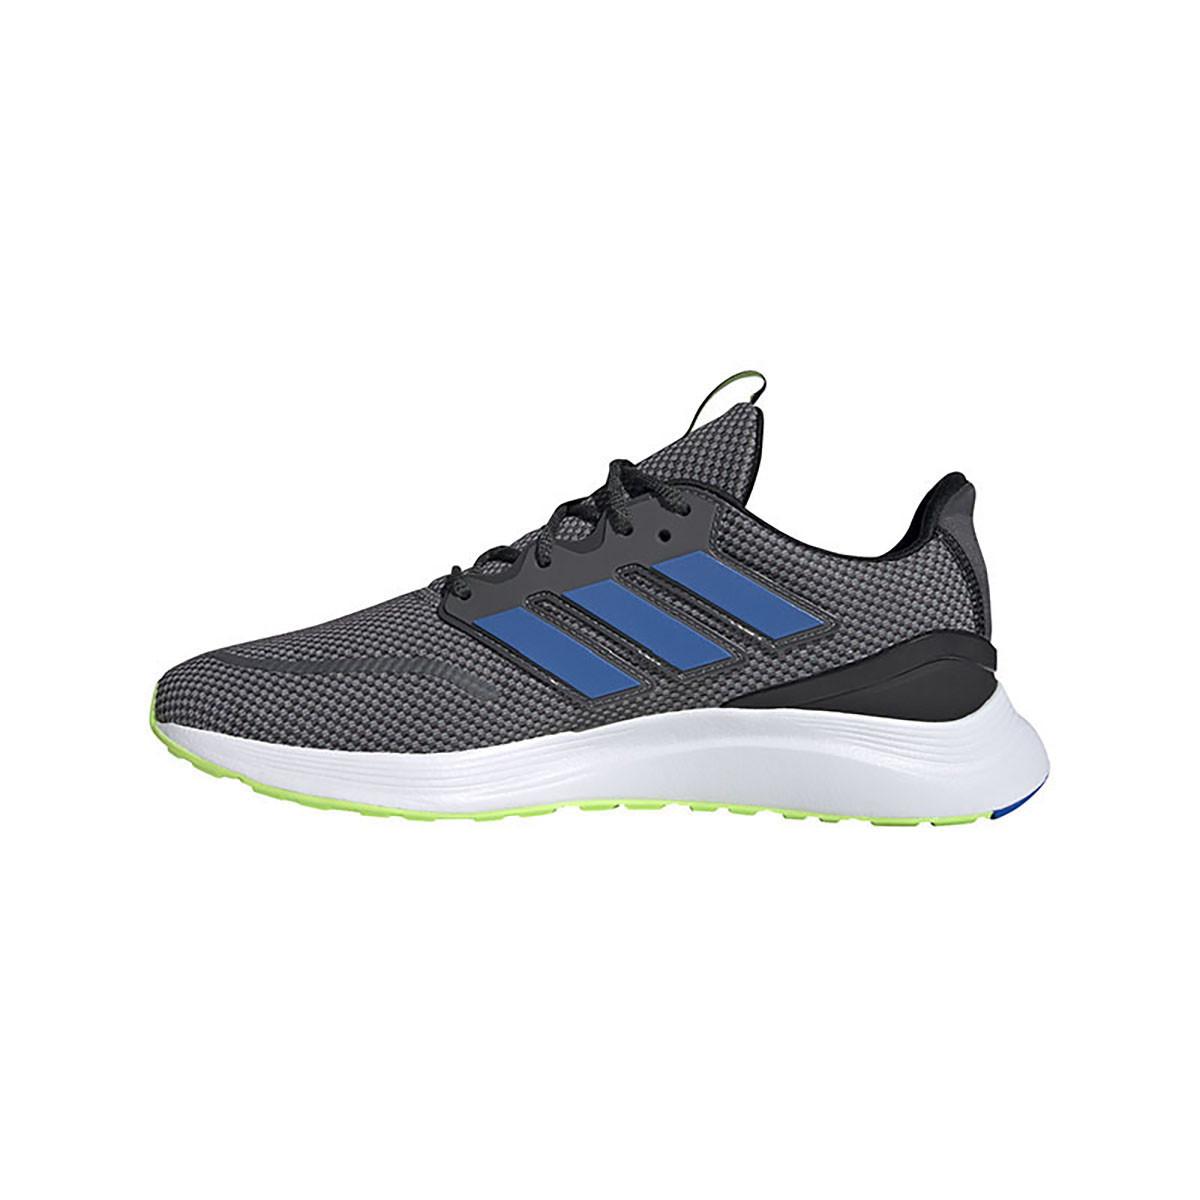 男鞋运动鞋 时尚舒适透气低帮绑带男式跑步鞋